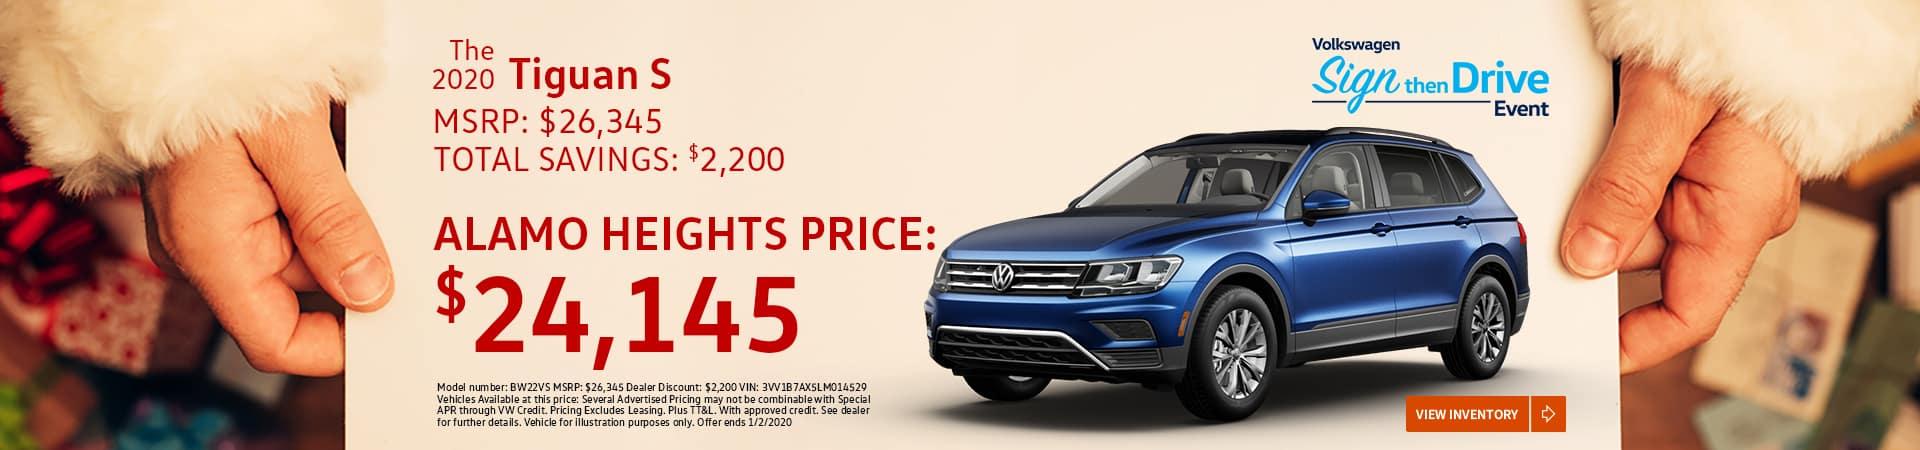 2020 Tiguan S - $24,145